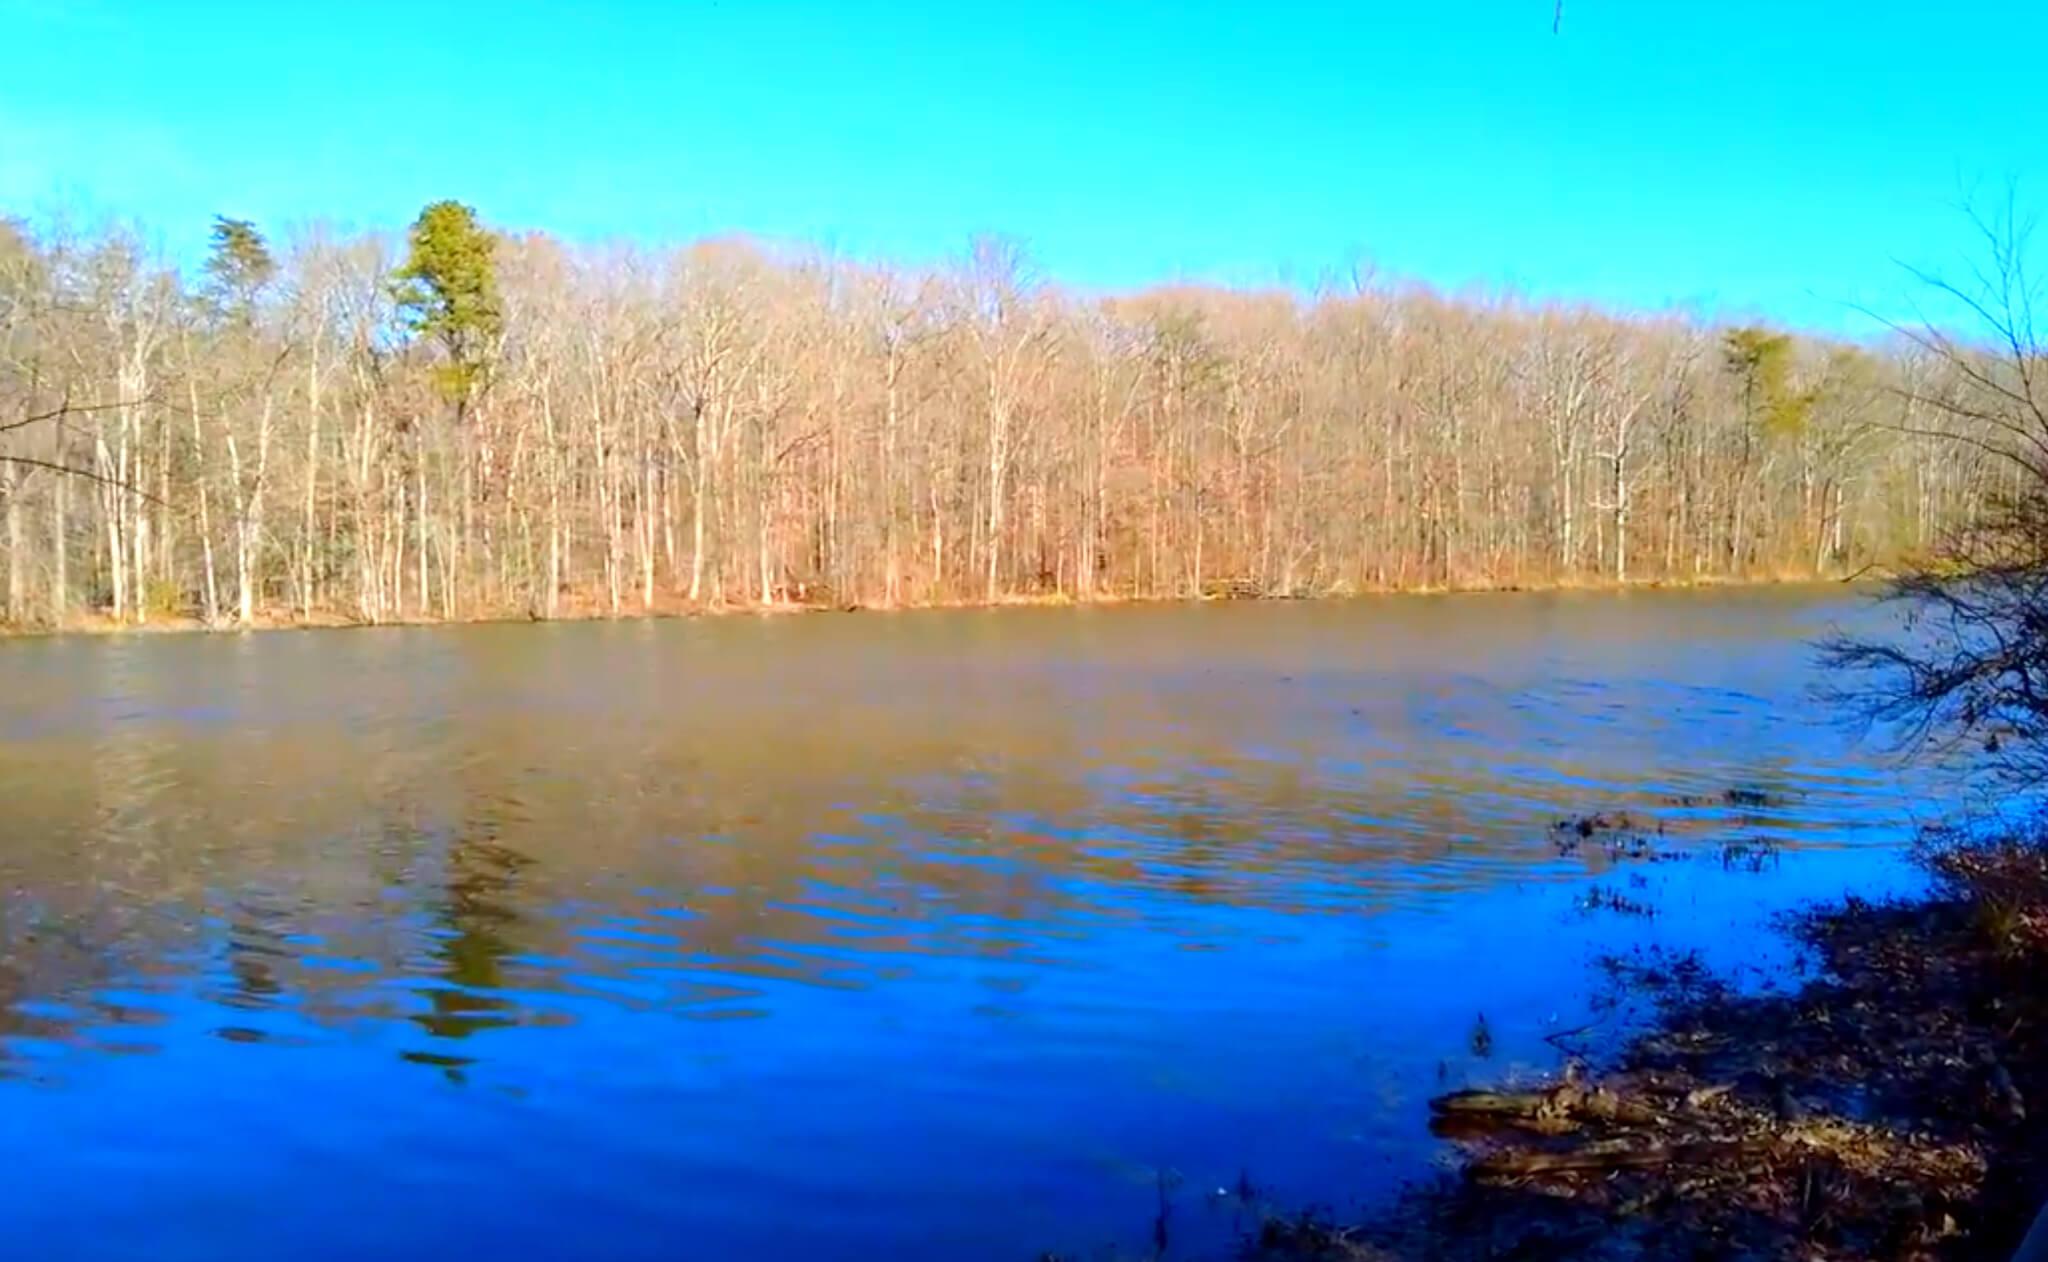 Burke-Lake-Fishing-Report-Guide-Virginia-VA-06